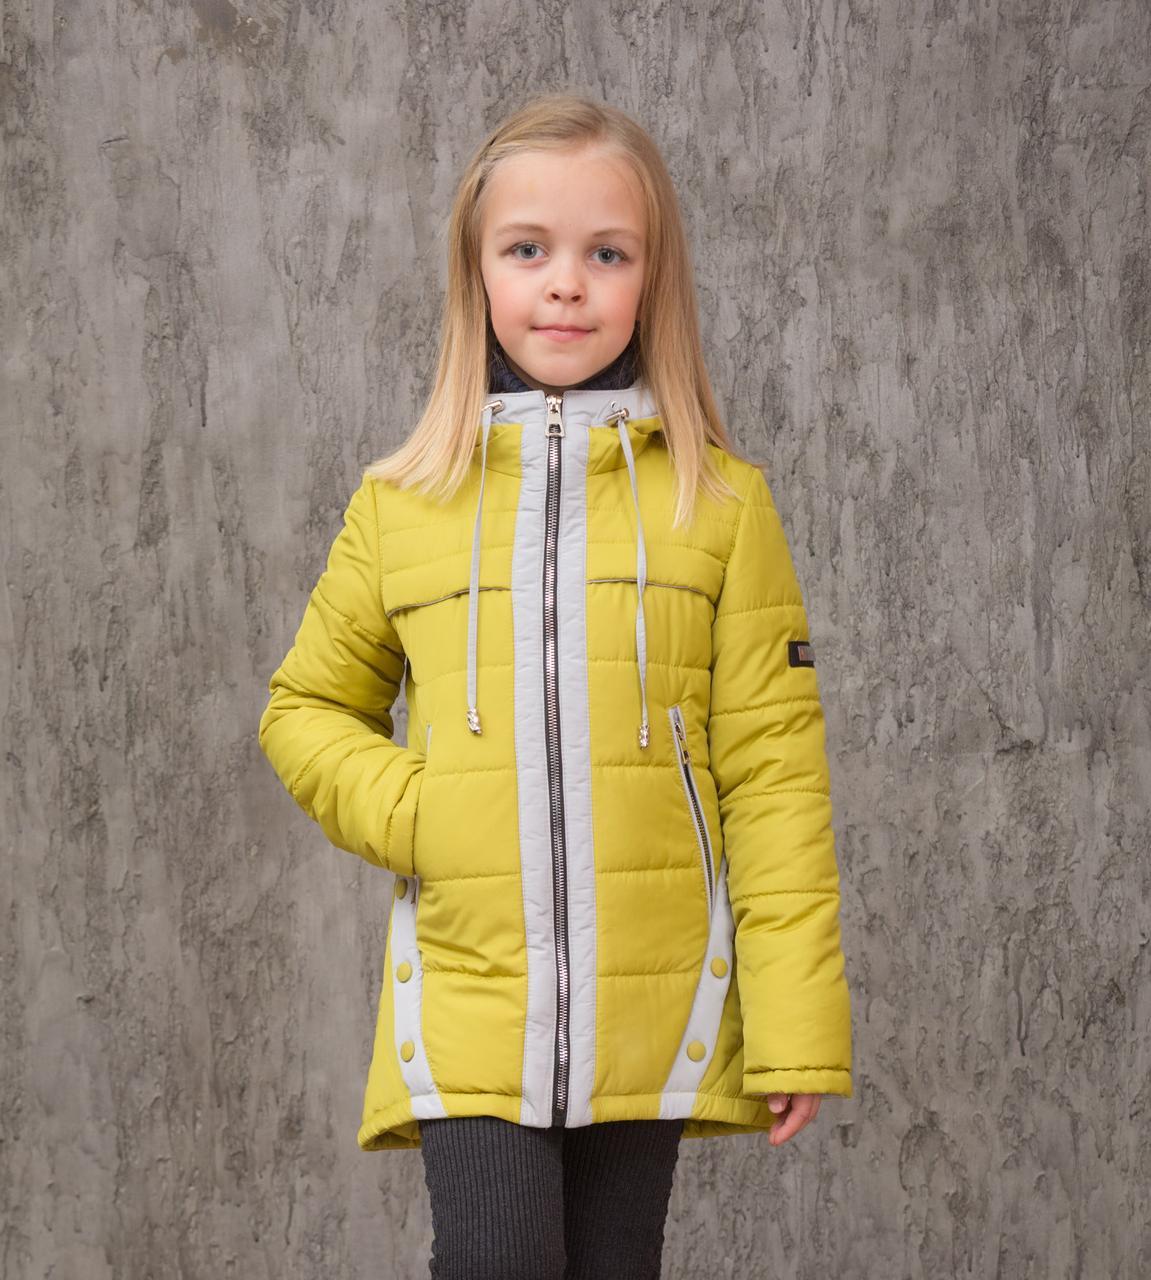 Демисезонная куртка на девочку 122р детская курточка весна-осень олива с серым